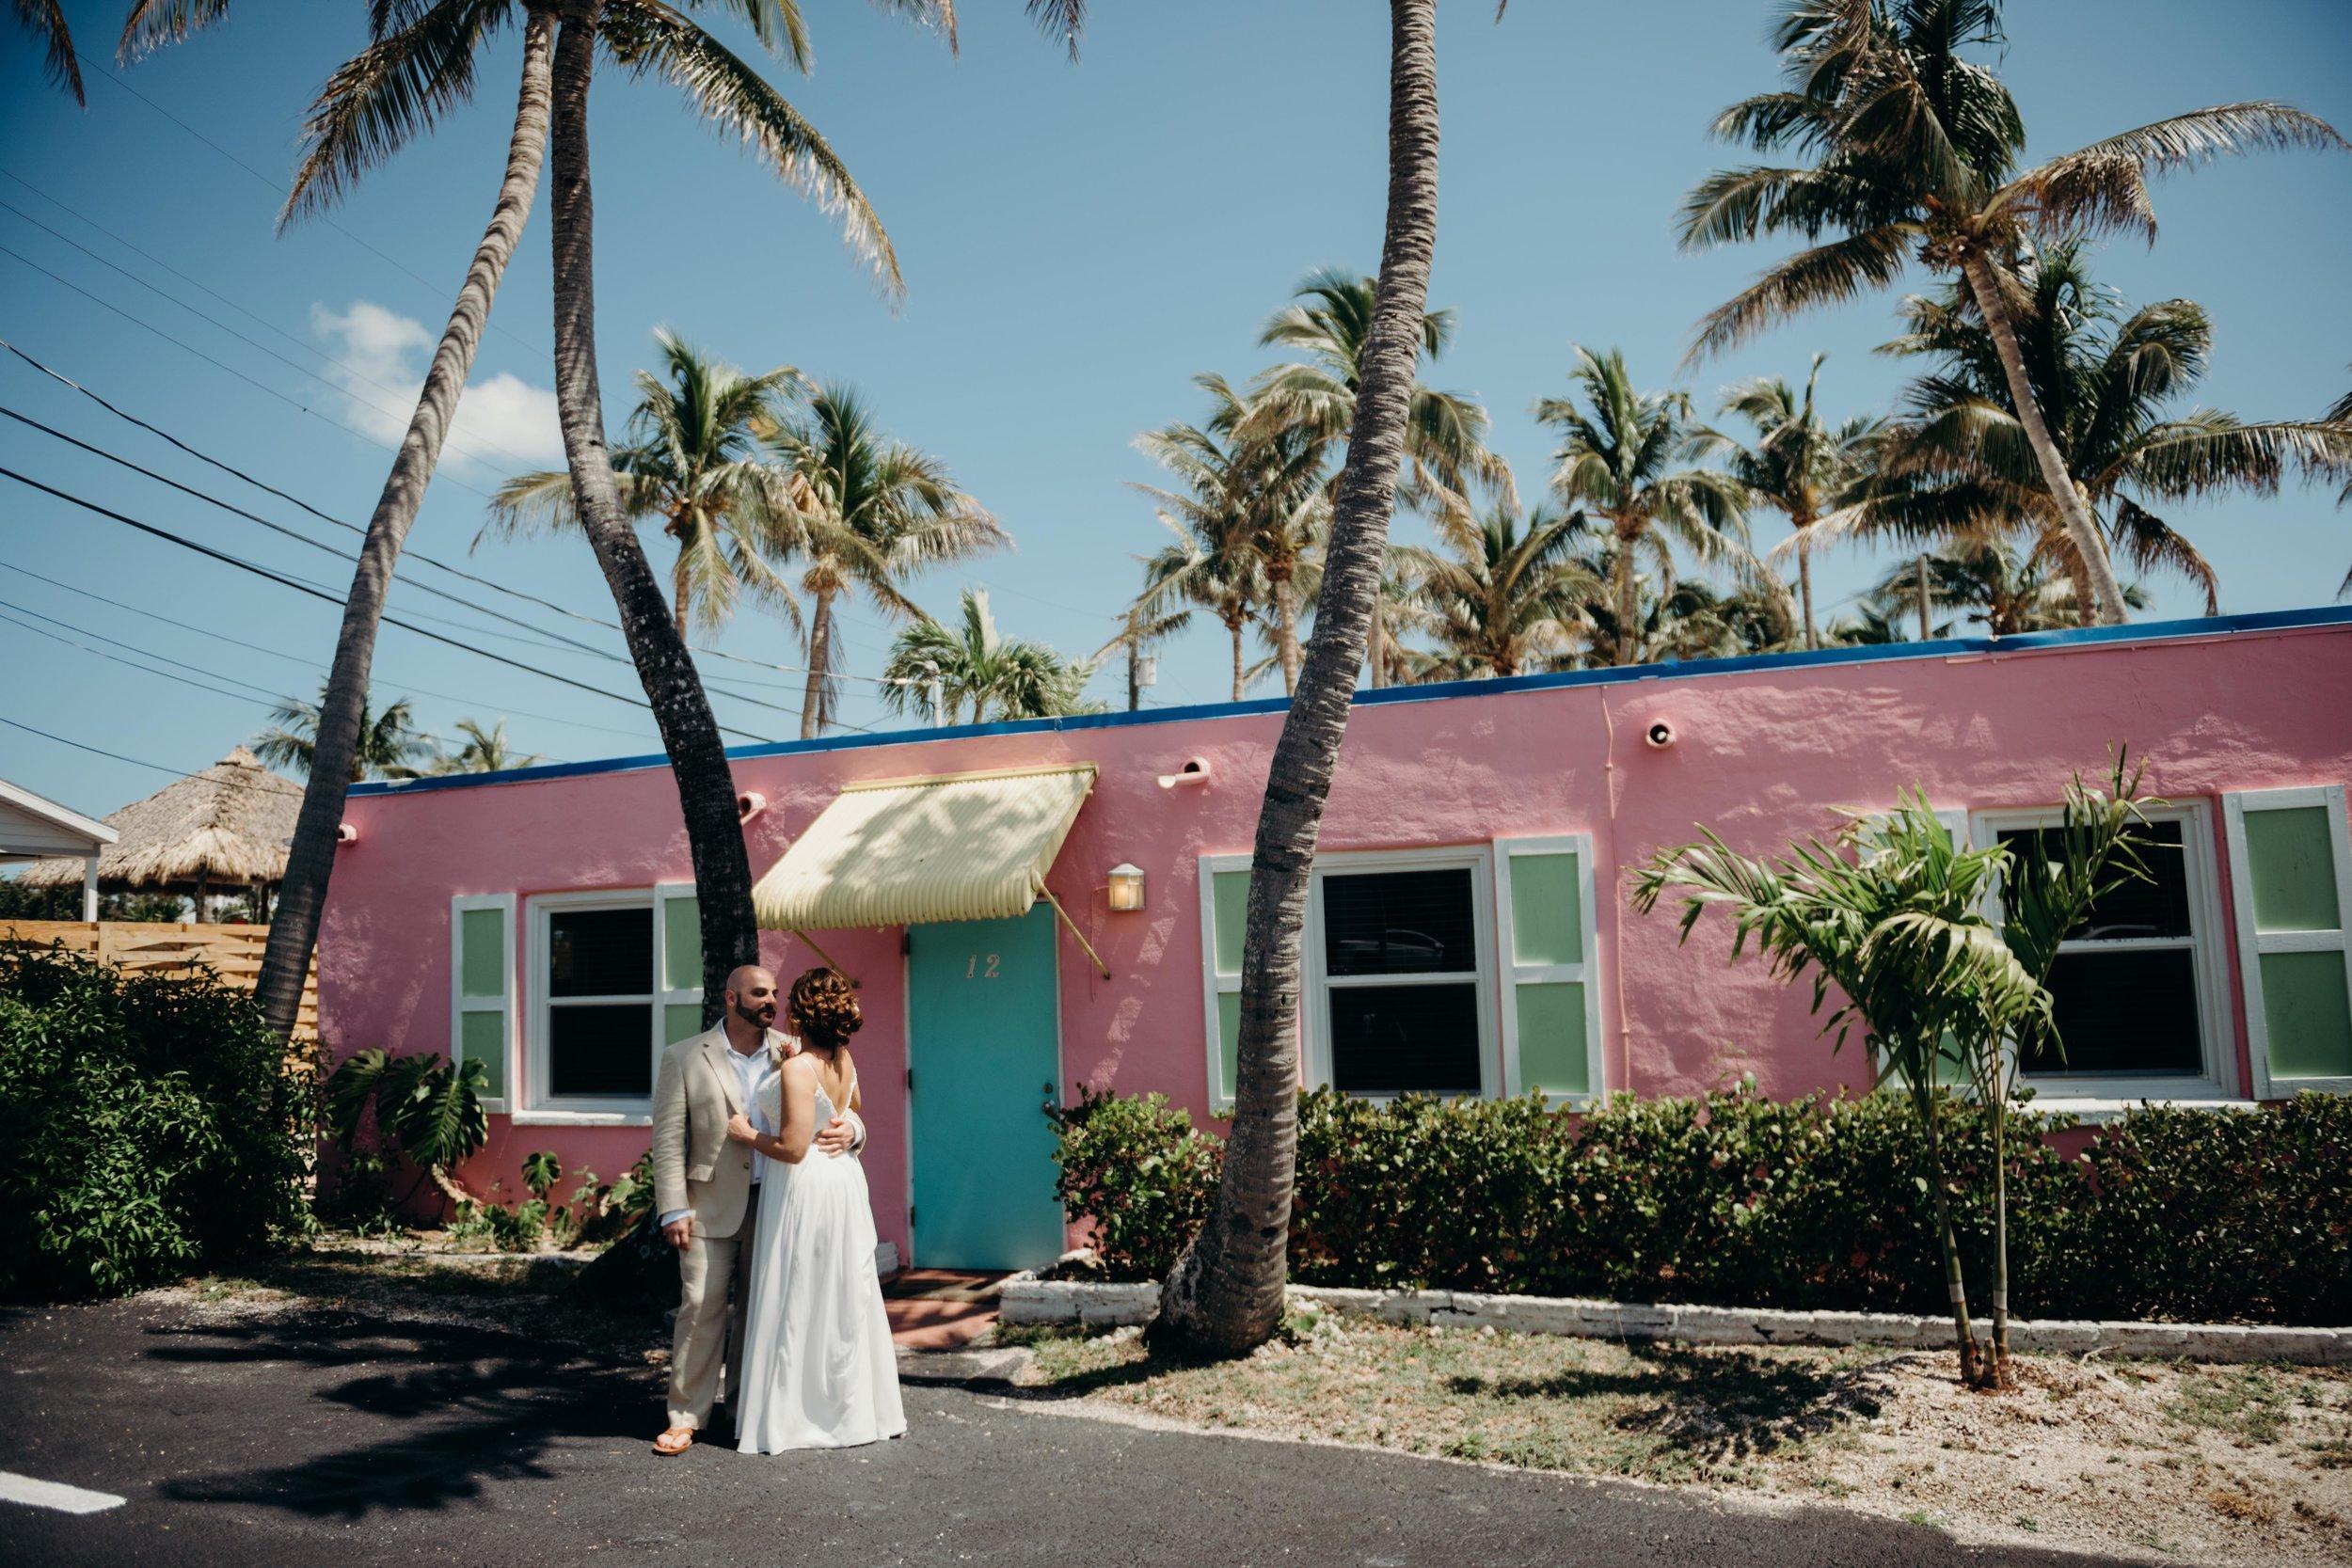 fotografia matrimonio Florida15.jpg